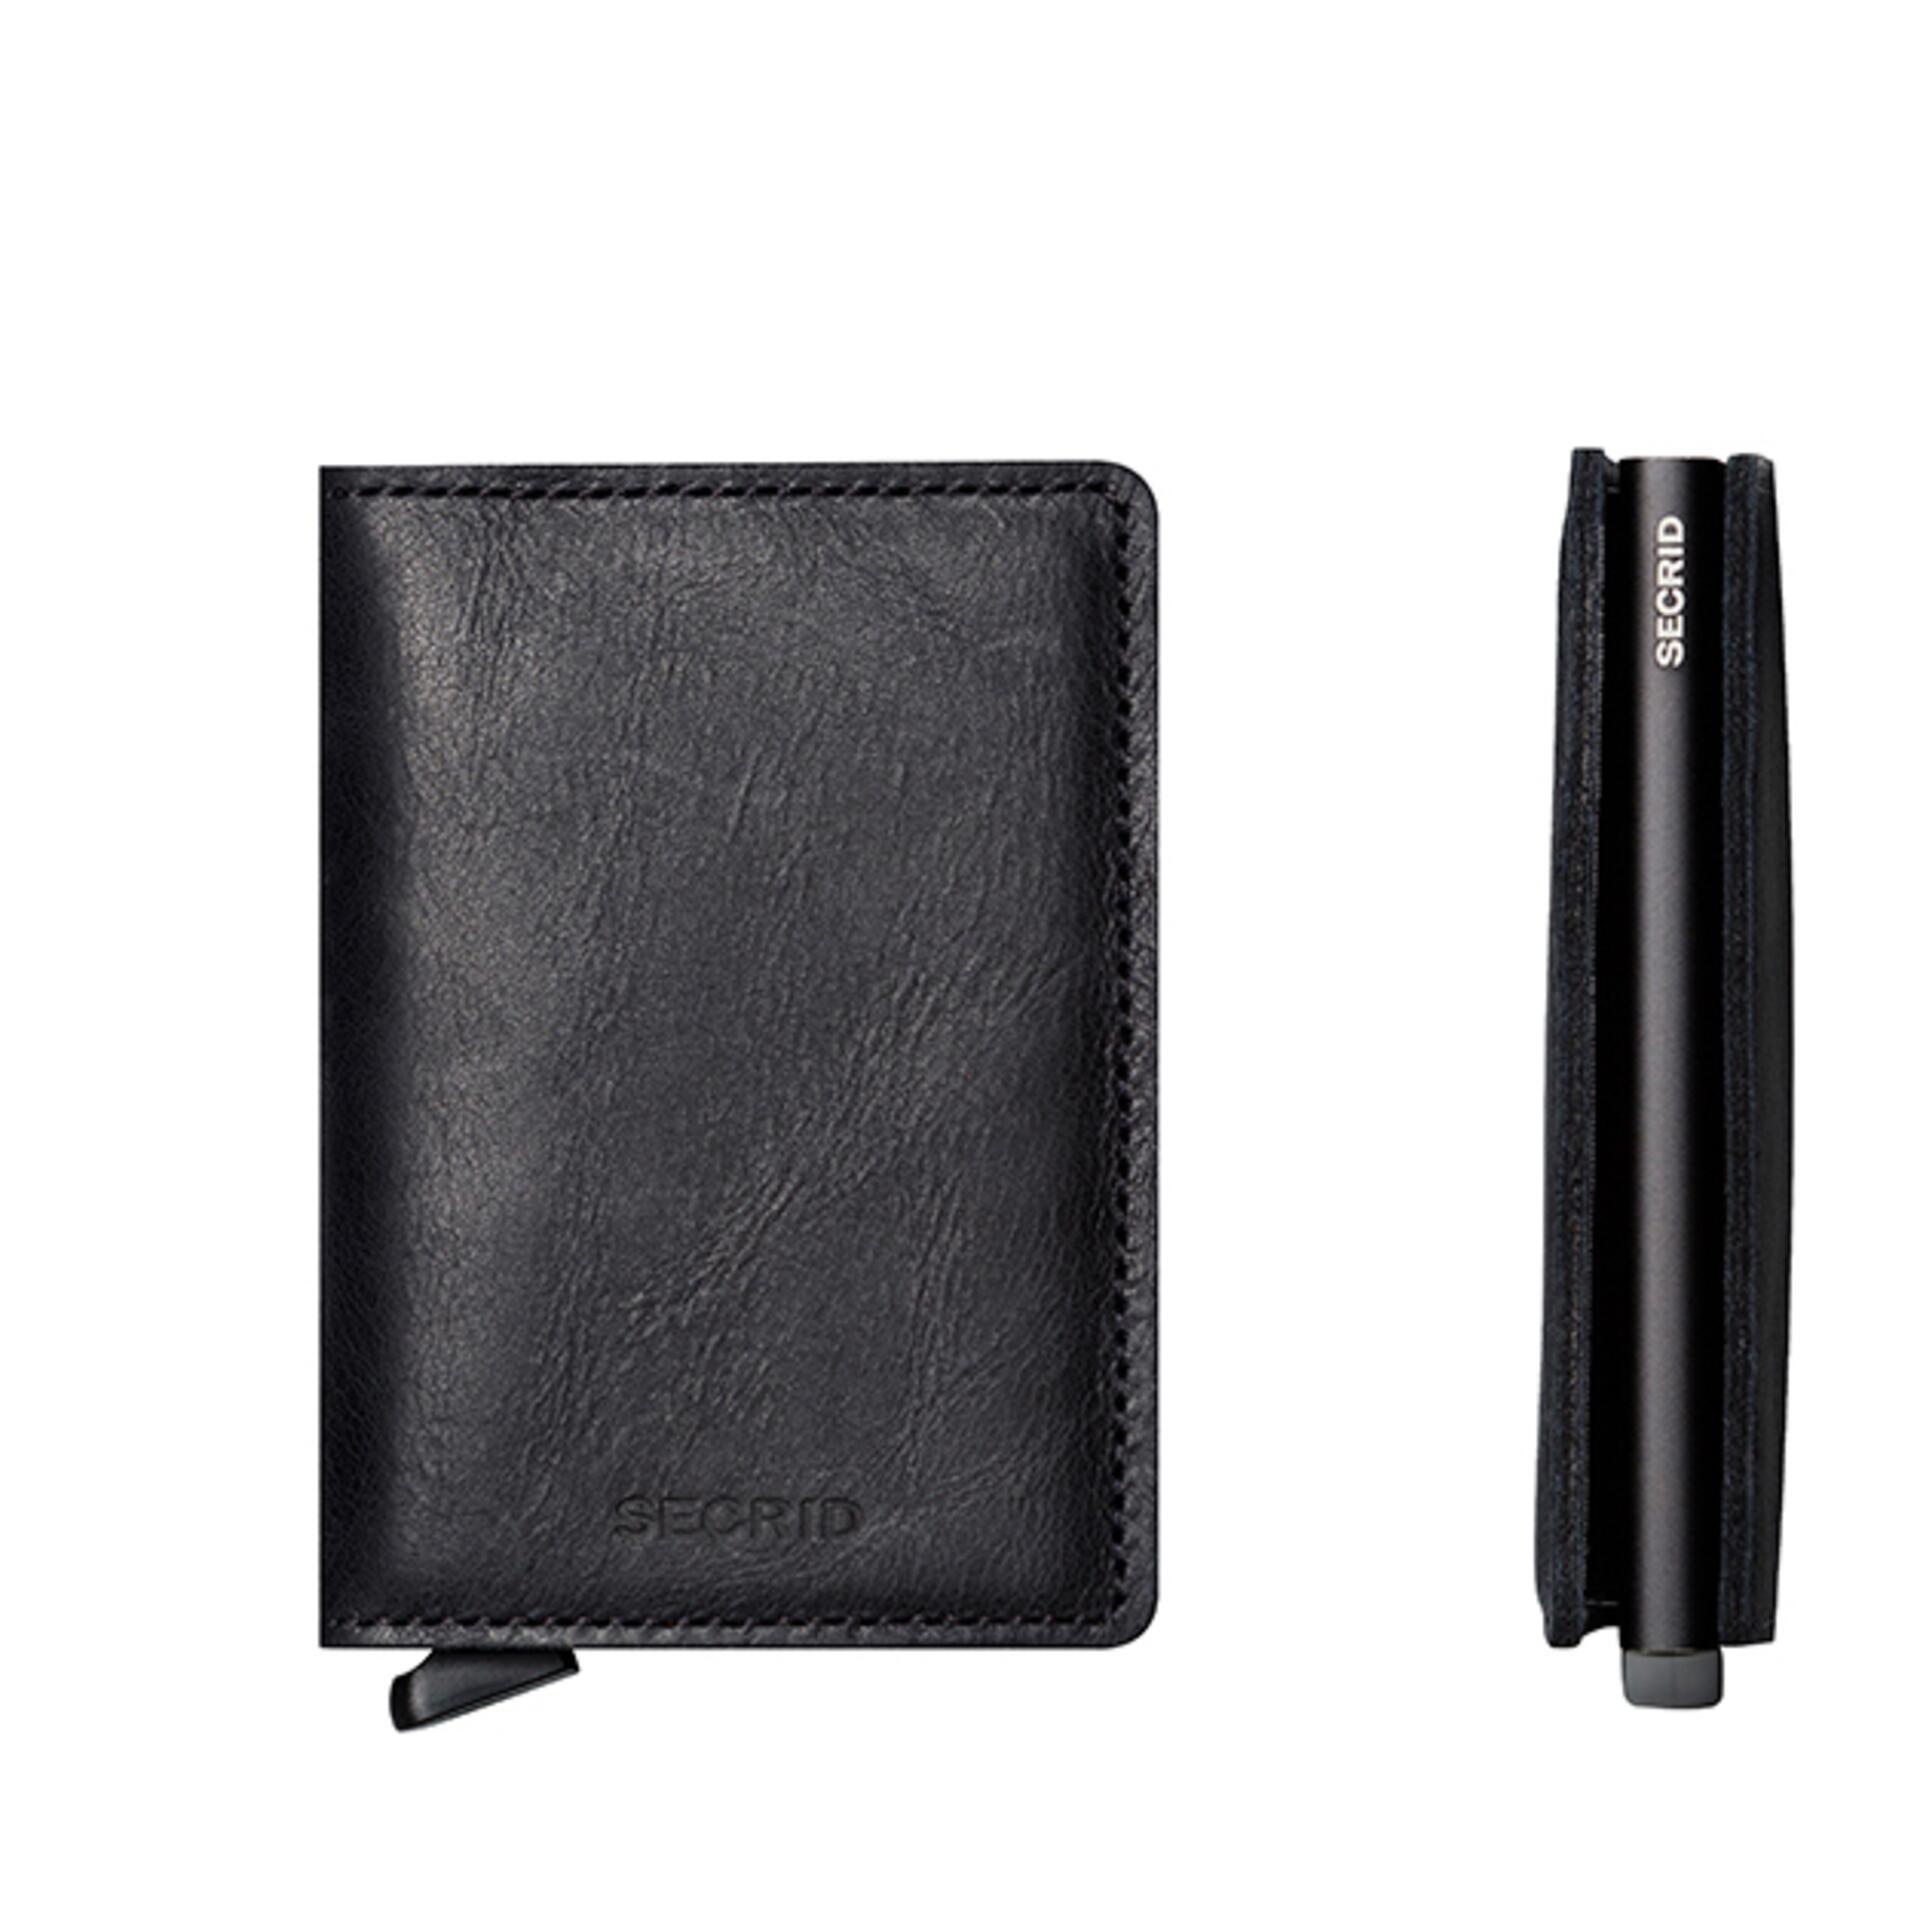 Secrid Slimwallet Vintage Black Leder